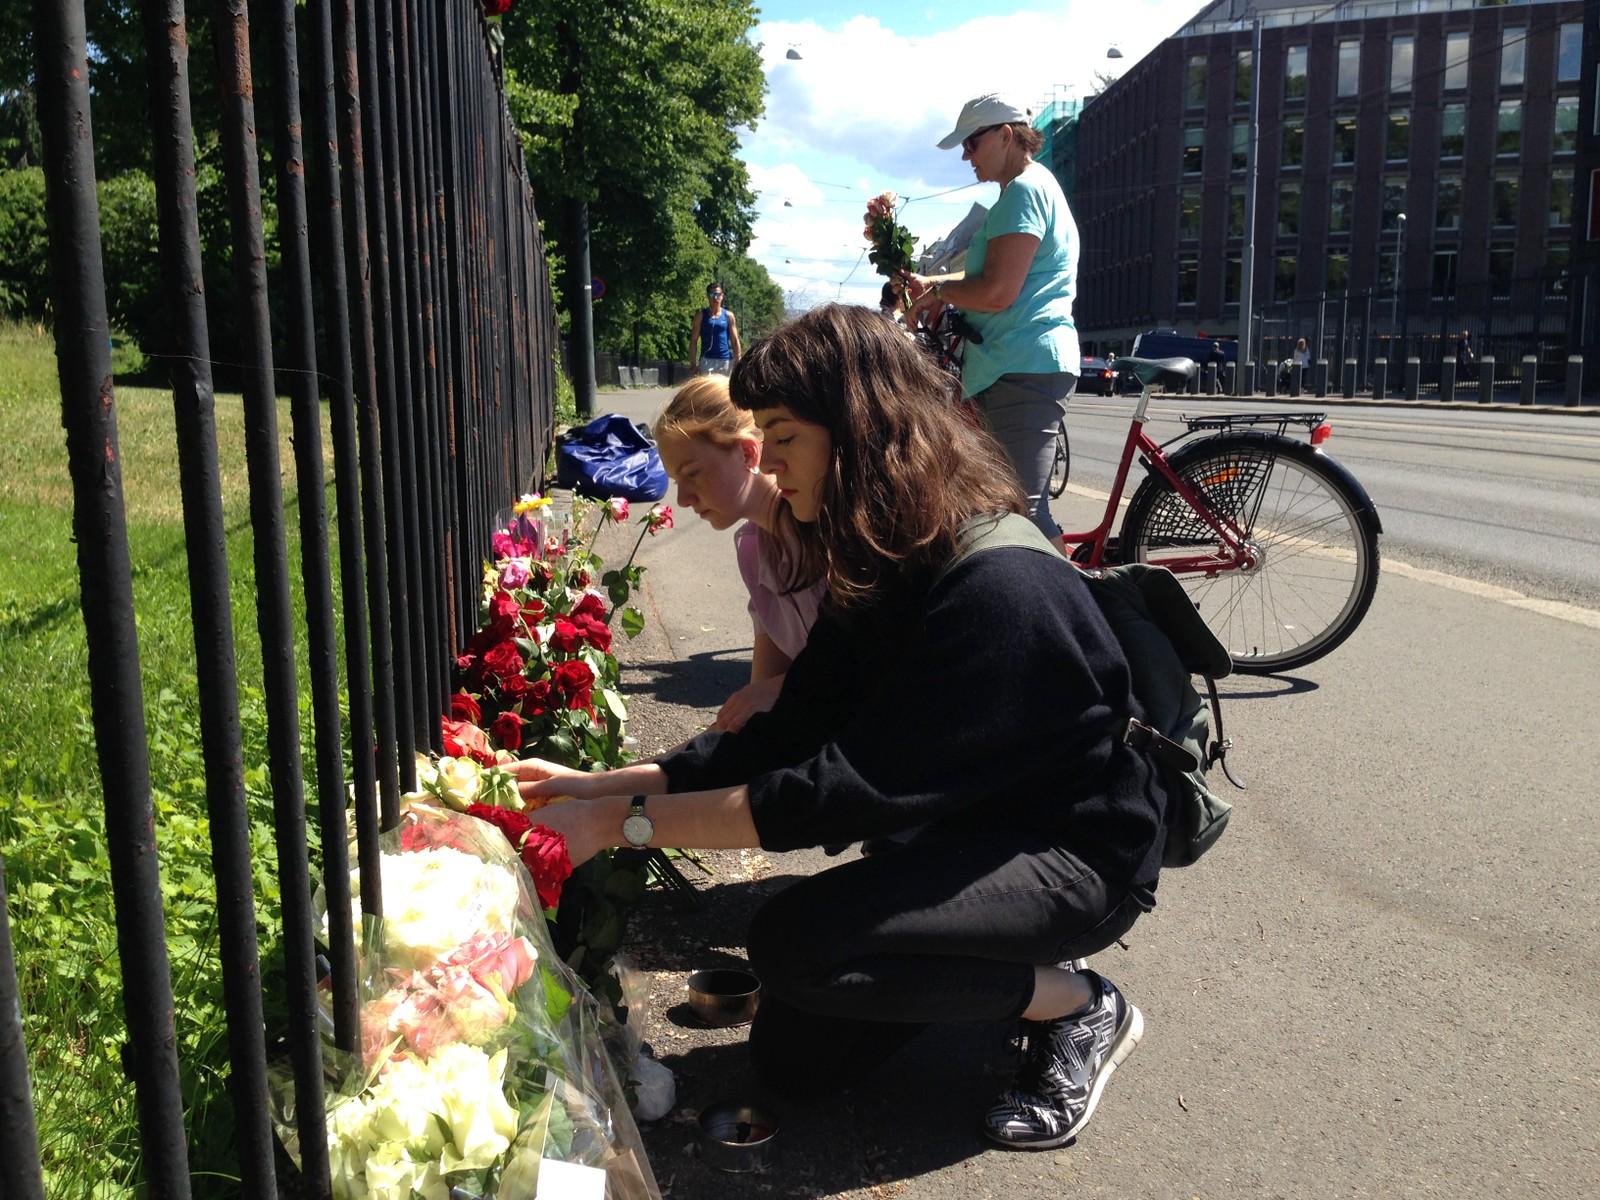 NORGE: Mandag morgen viste mennesker sin støtte ved å legge ned blomster utenfor USAs ambassade i Oslo for å minnes ofrene for skytemassakren.